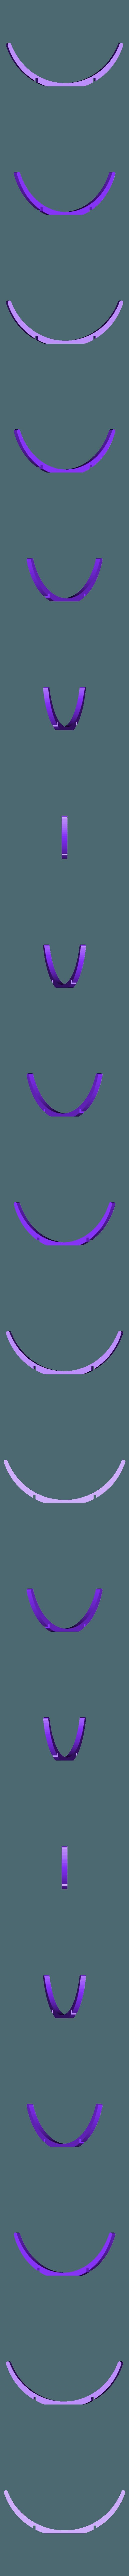 Bowl_7.stl Télécharger fichier STL gratuit Remix de bol de fruits pour l'impression 3D • Plan imprimable en 3D, tylerebowers